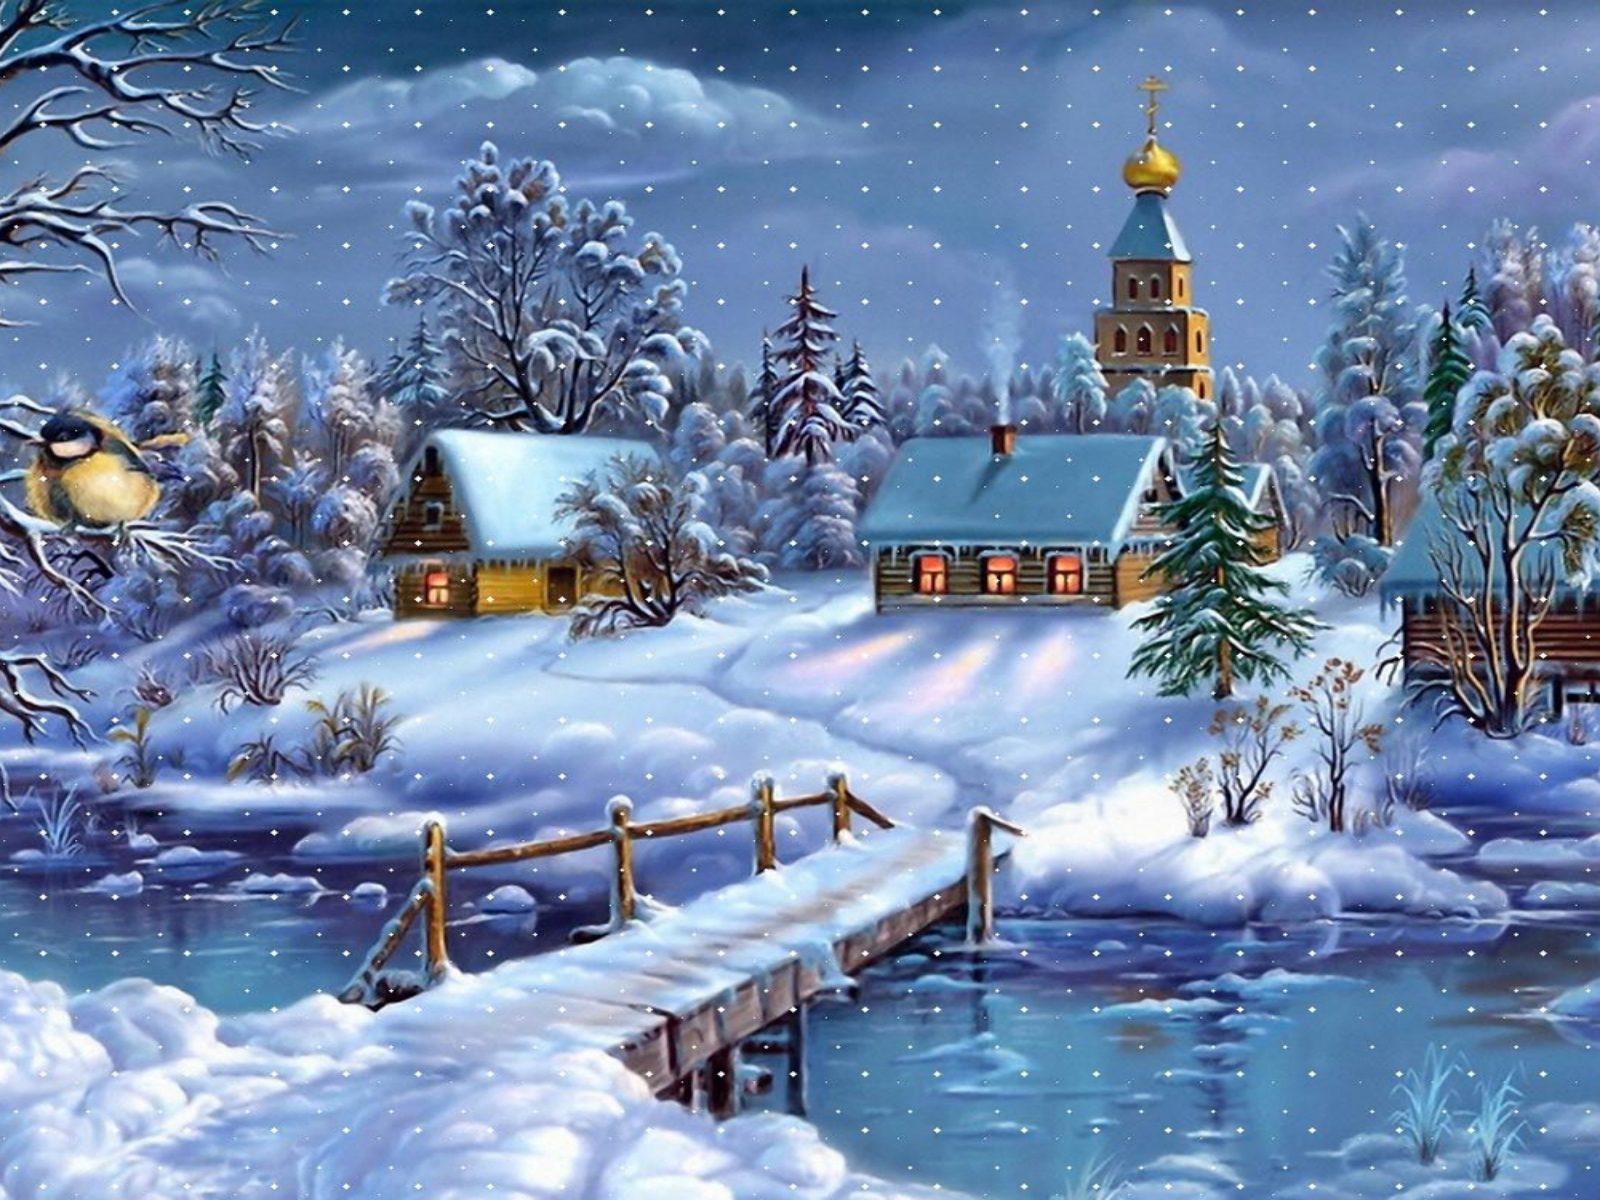 Winter Wonderland Iphone Wallpaper Winter Landscape Village Church River Wooden Bridge Layer